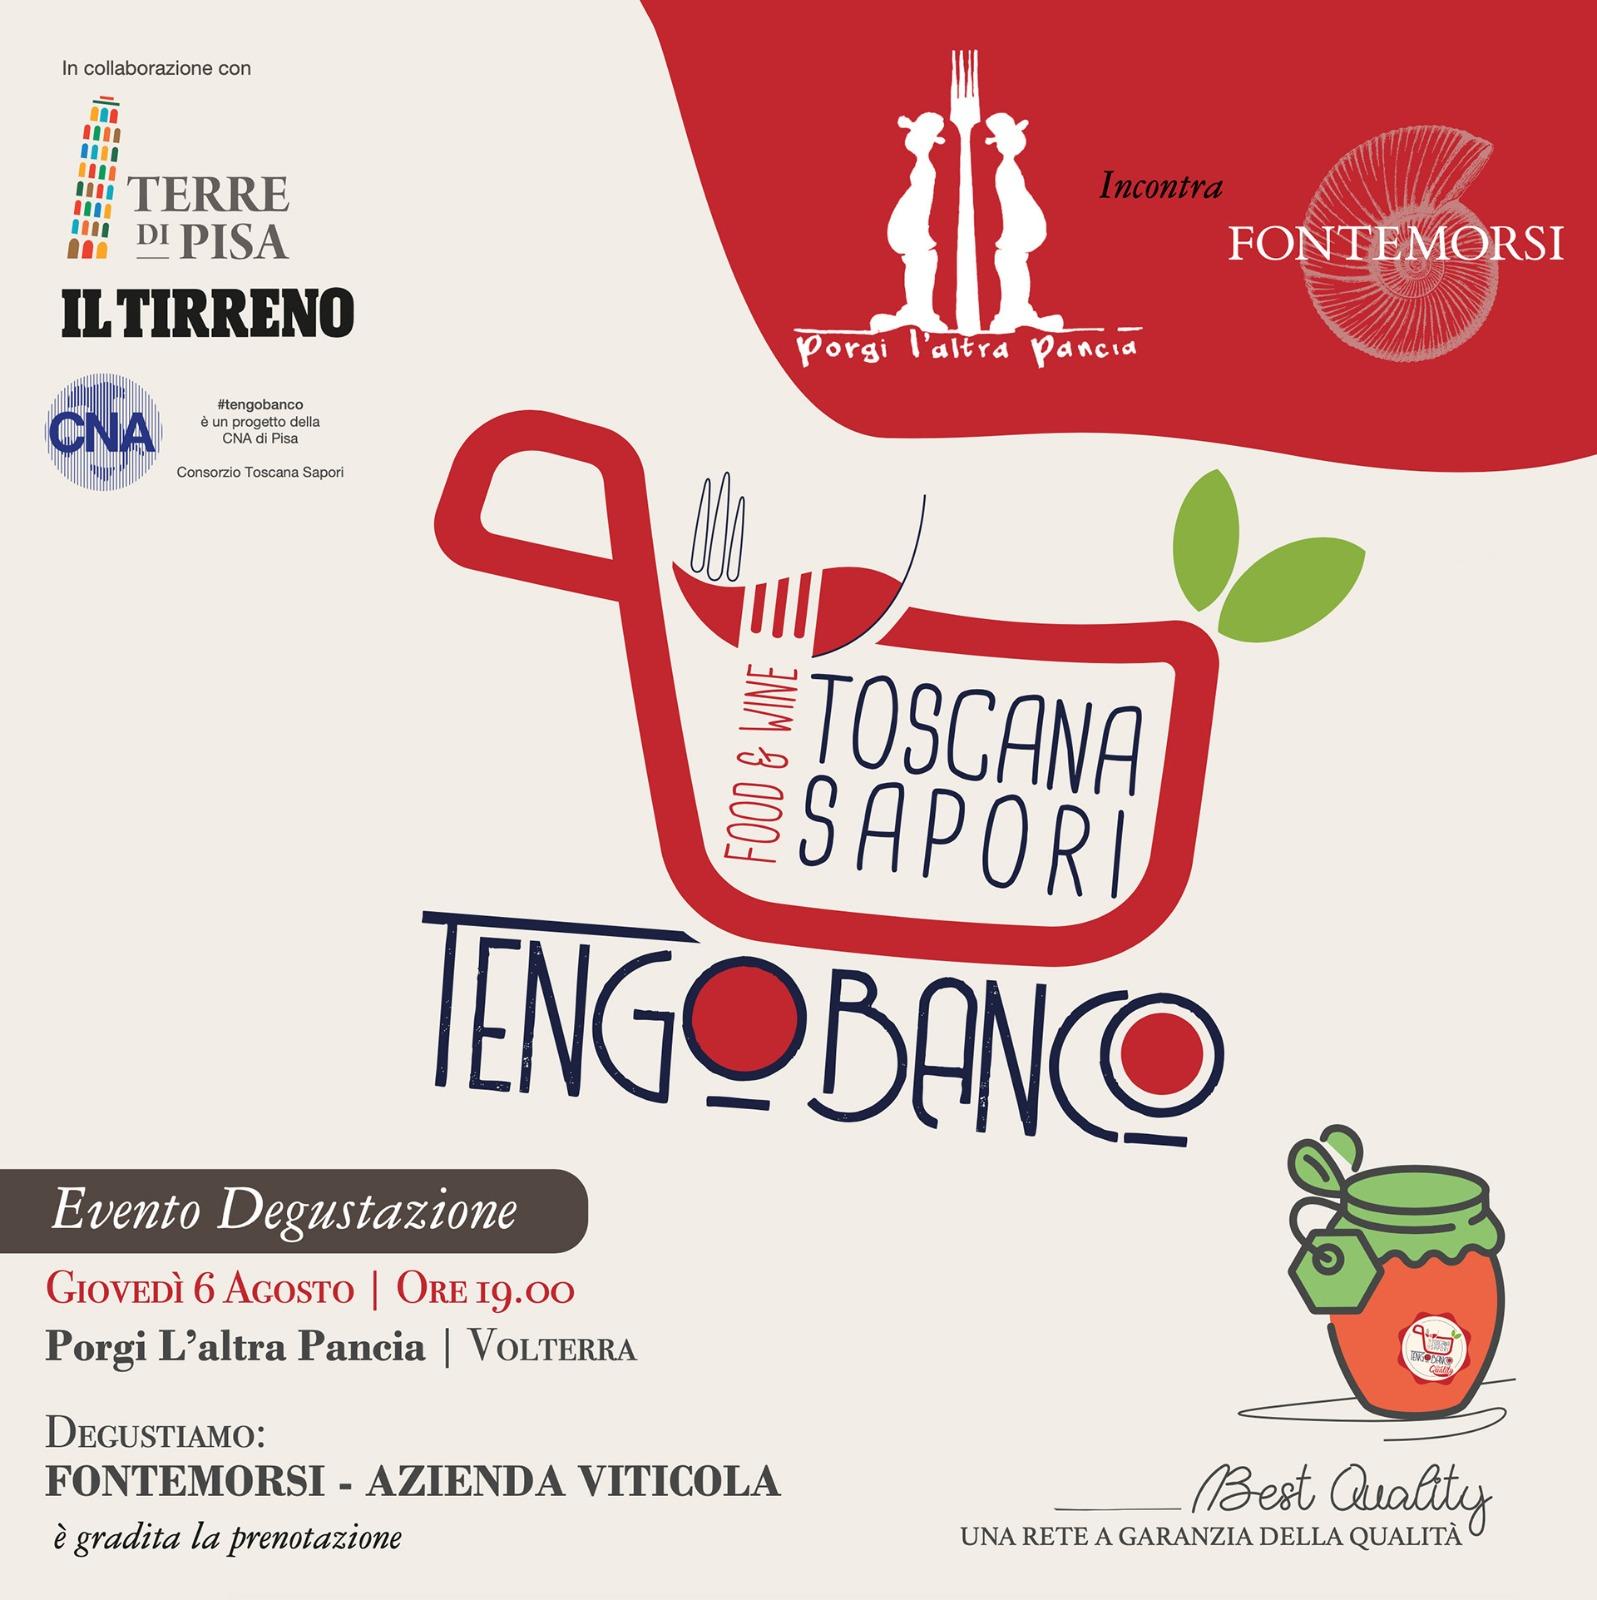 Tengo banco, degustazione 6 agosto | Volterra